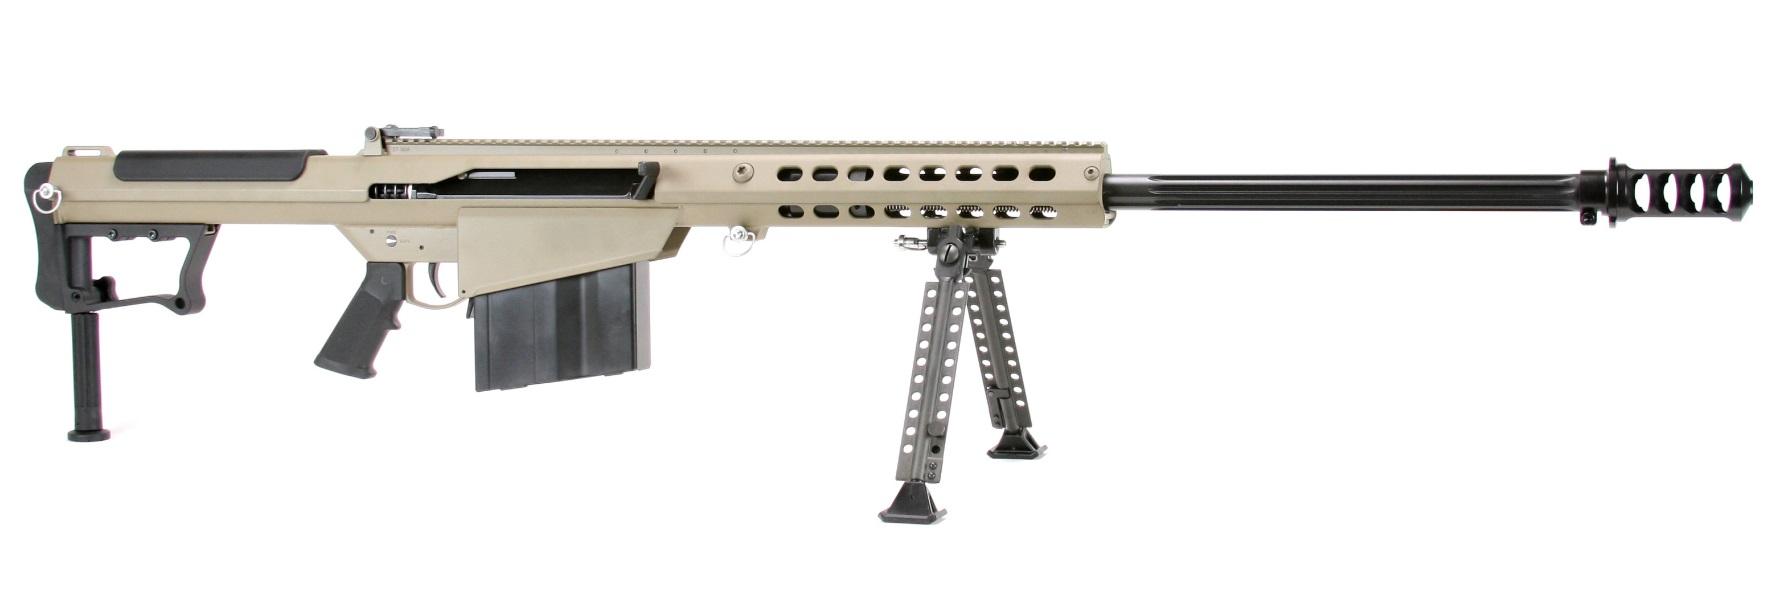 Barrett Firearms M107A1 50 BMG